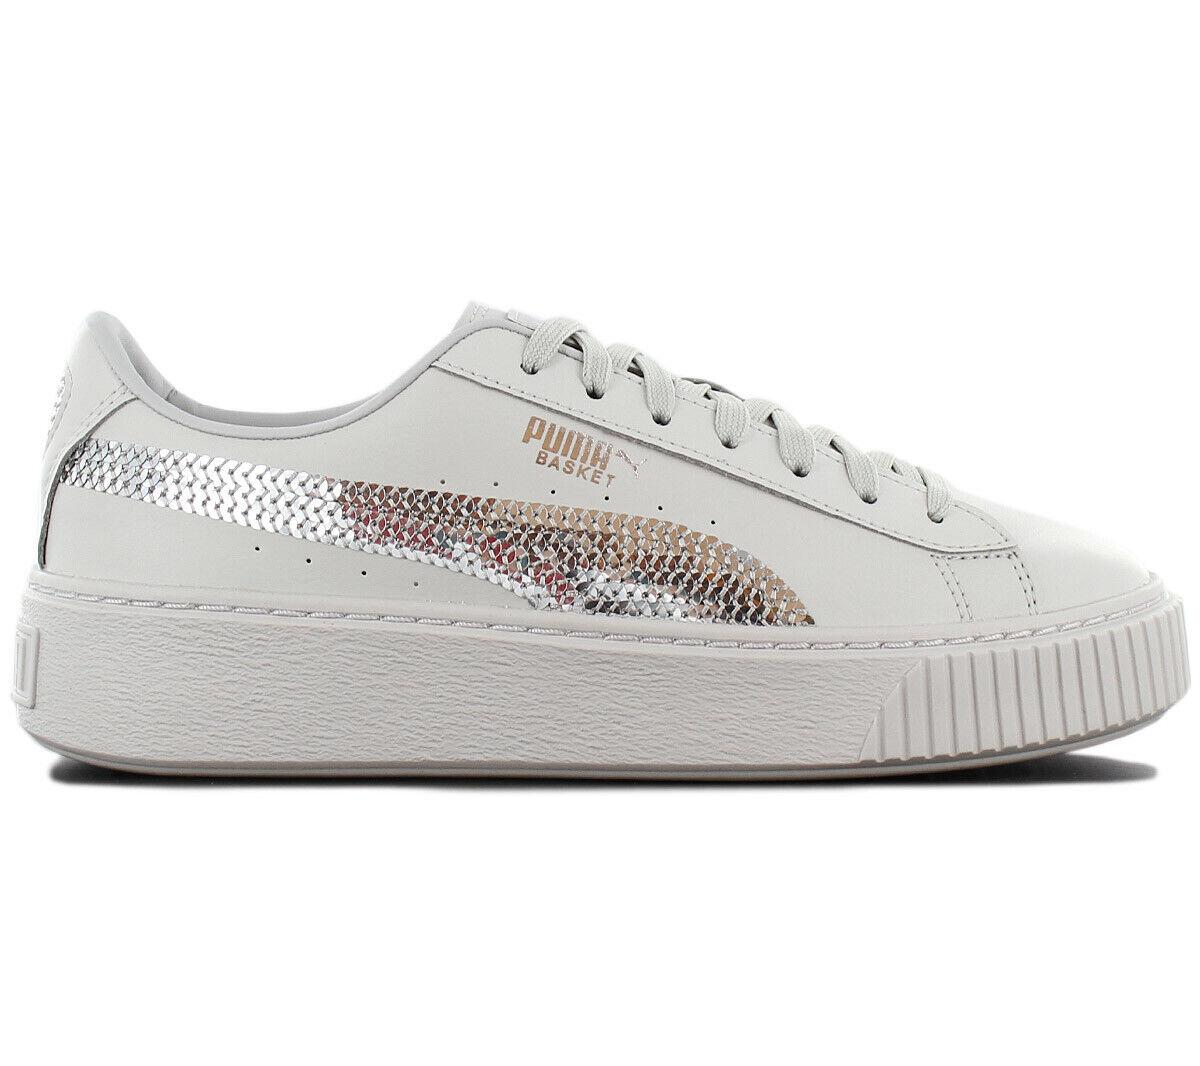 Puma Platform Pallacanestro Bling zapatilla de deporte mujer zapatos Plateau 367237-02 gris